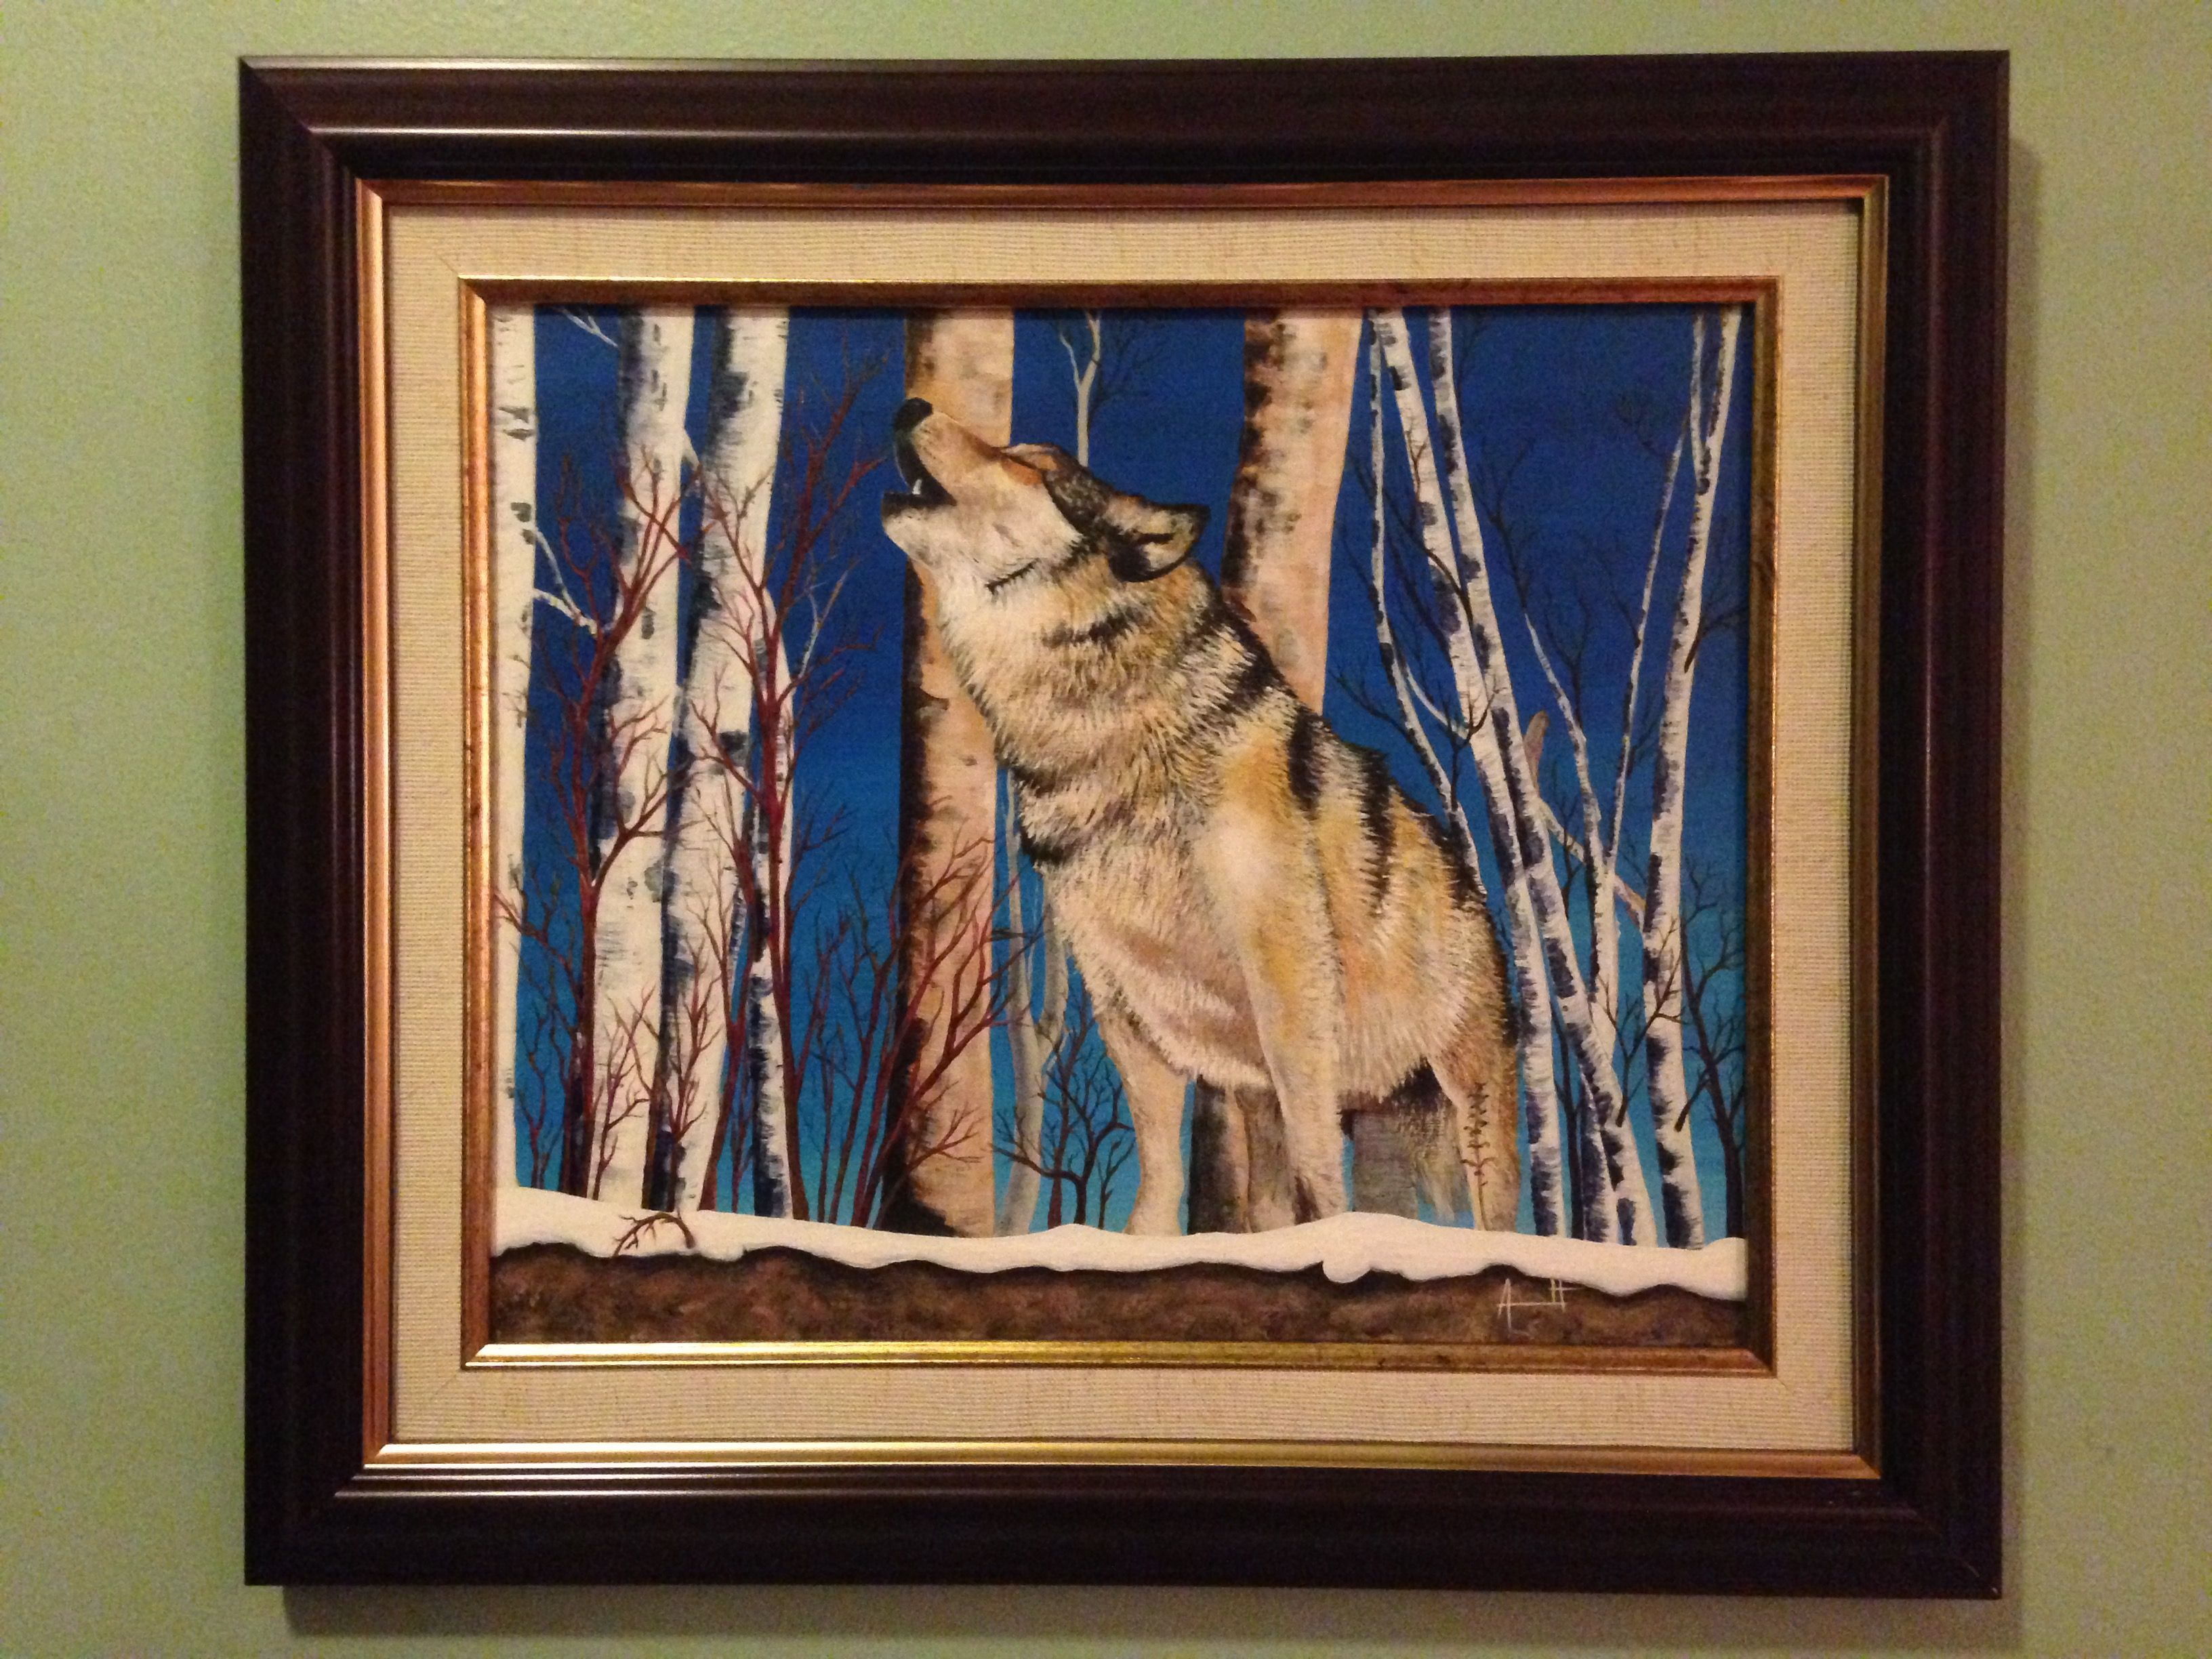 07 - hurlement peinture acrylique sur bois format: 10